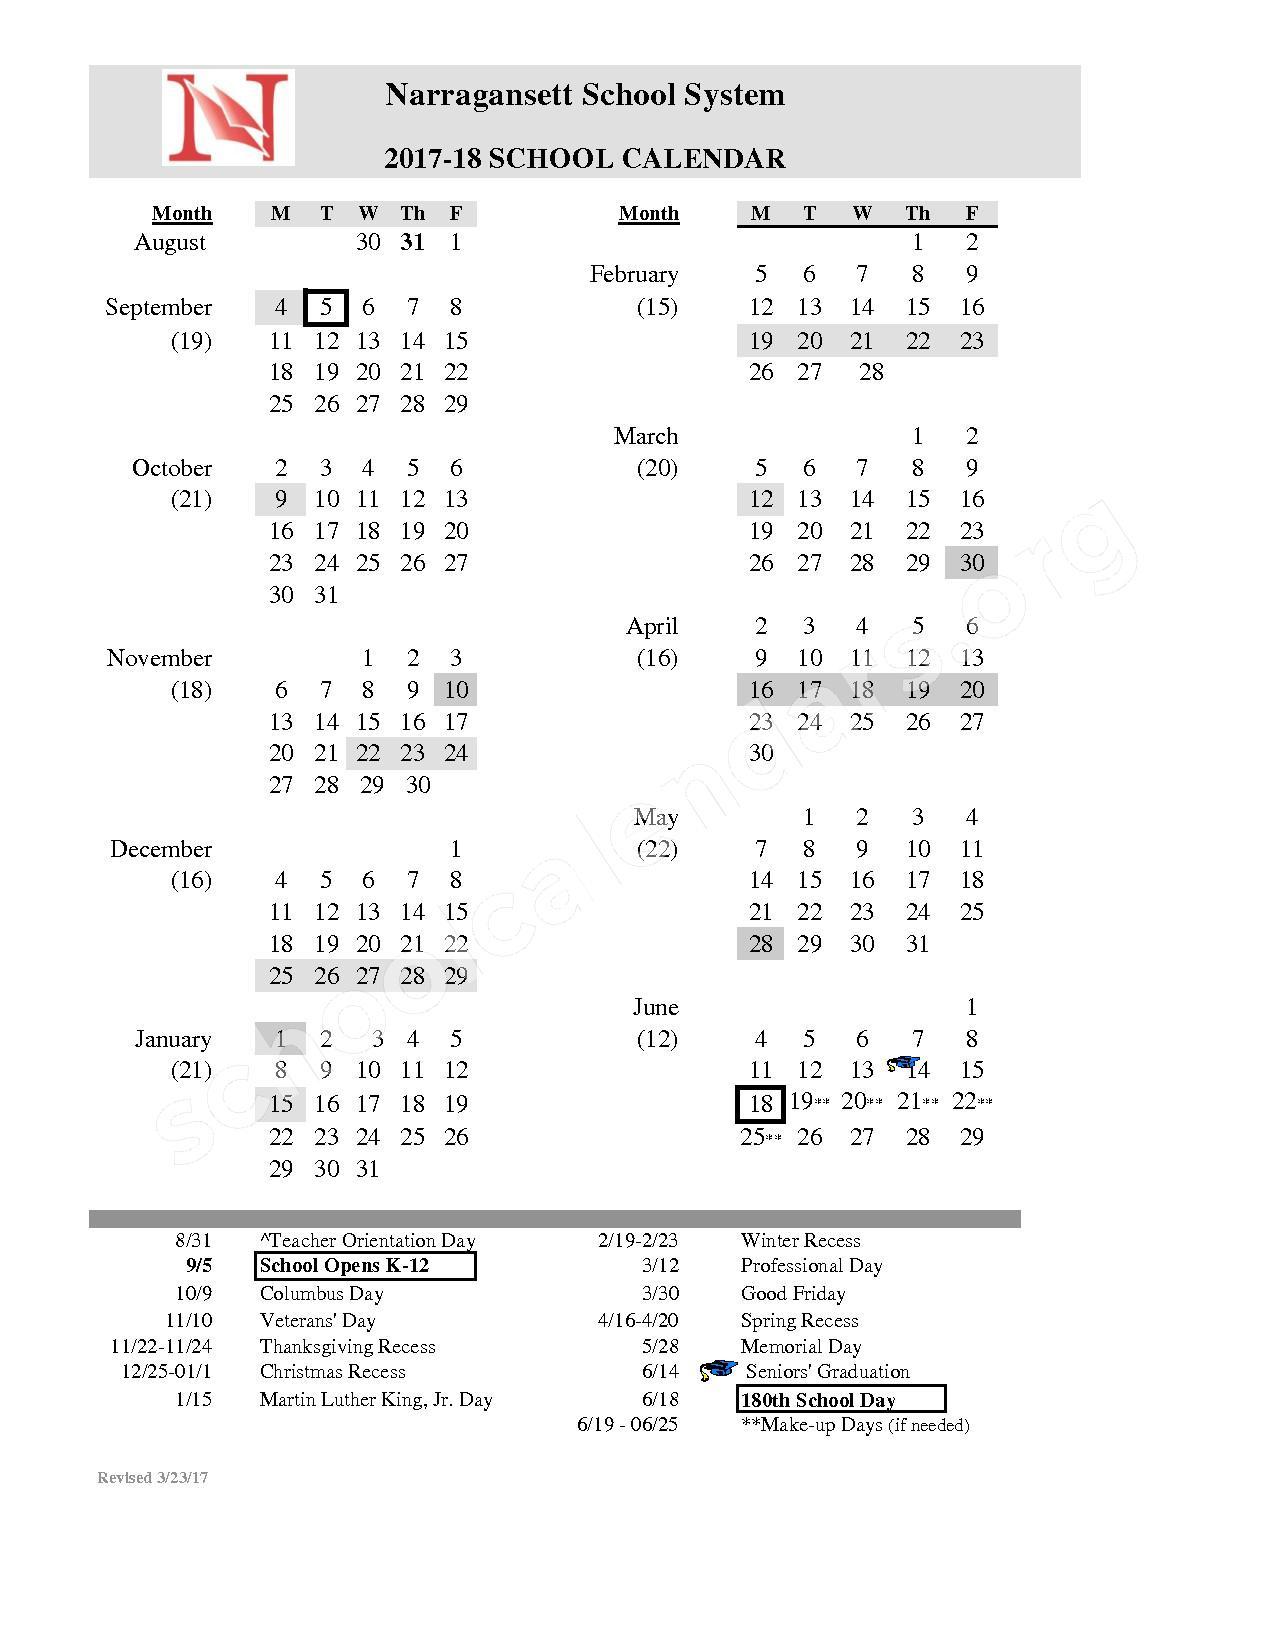 2017 - 2018 School Calendar – Narragansett School System – page 1